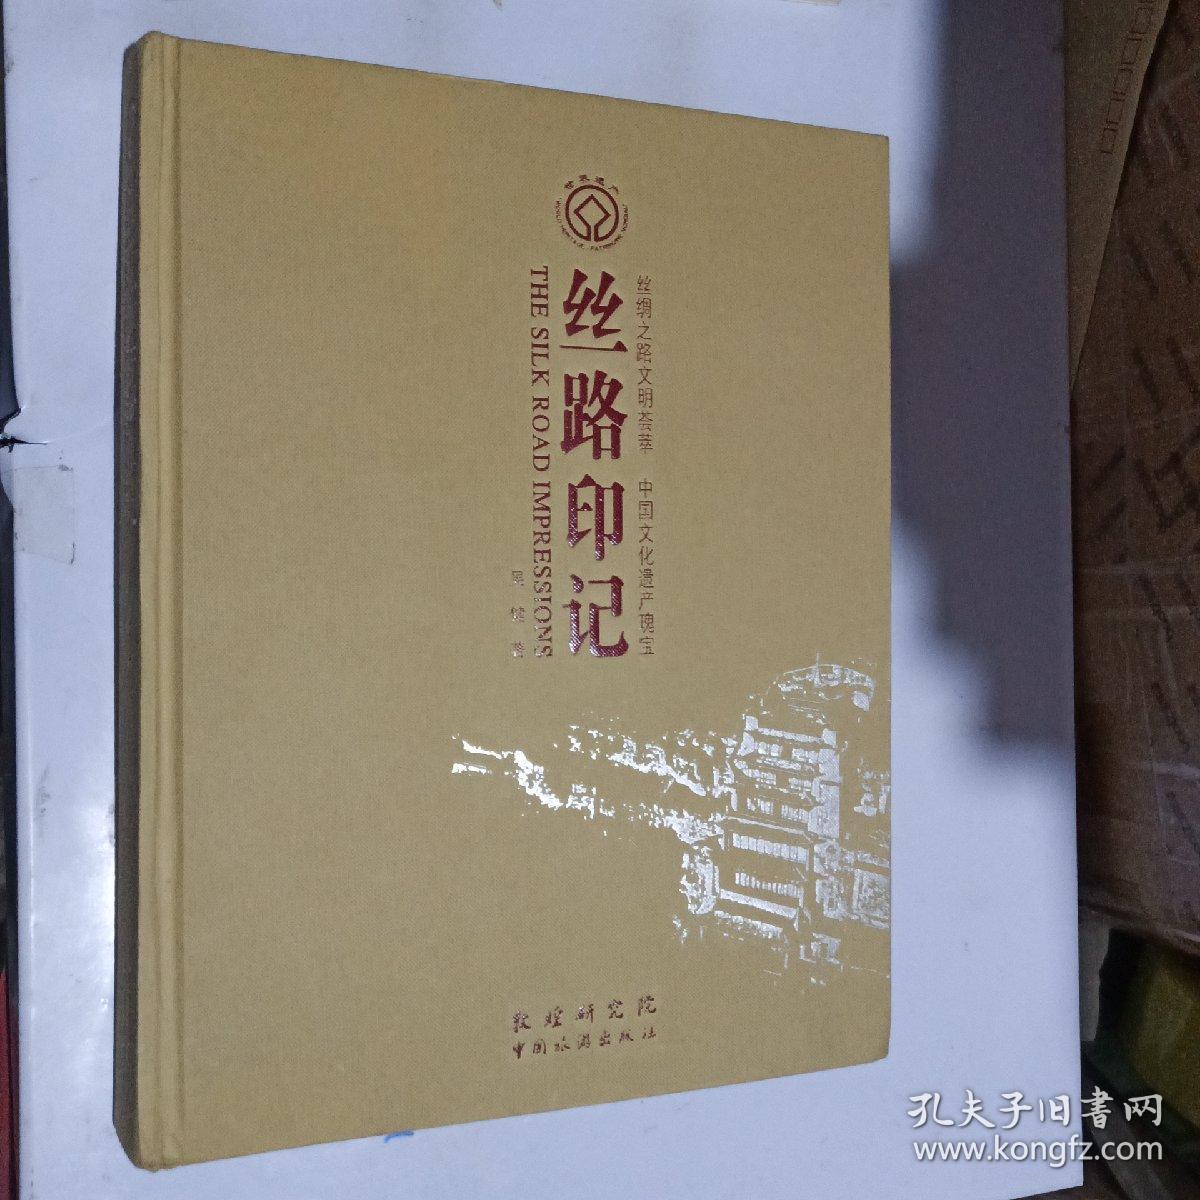 丝路印记(丝绸之路文明荟萃 中国文化遗产瑰宝)